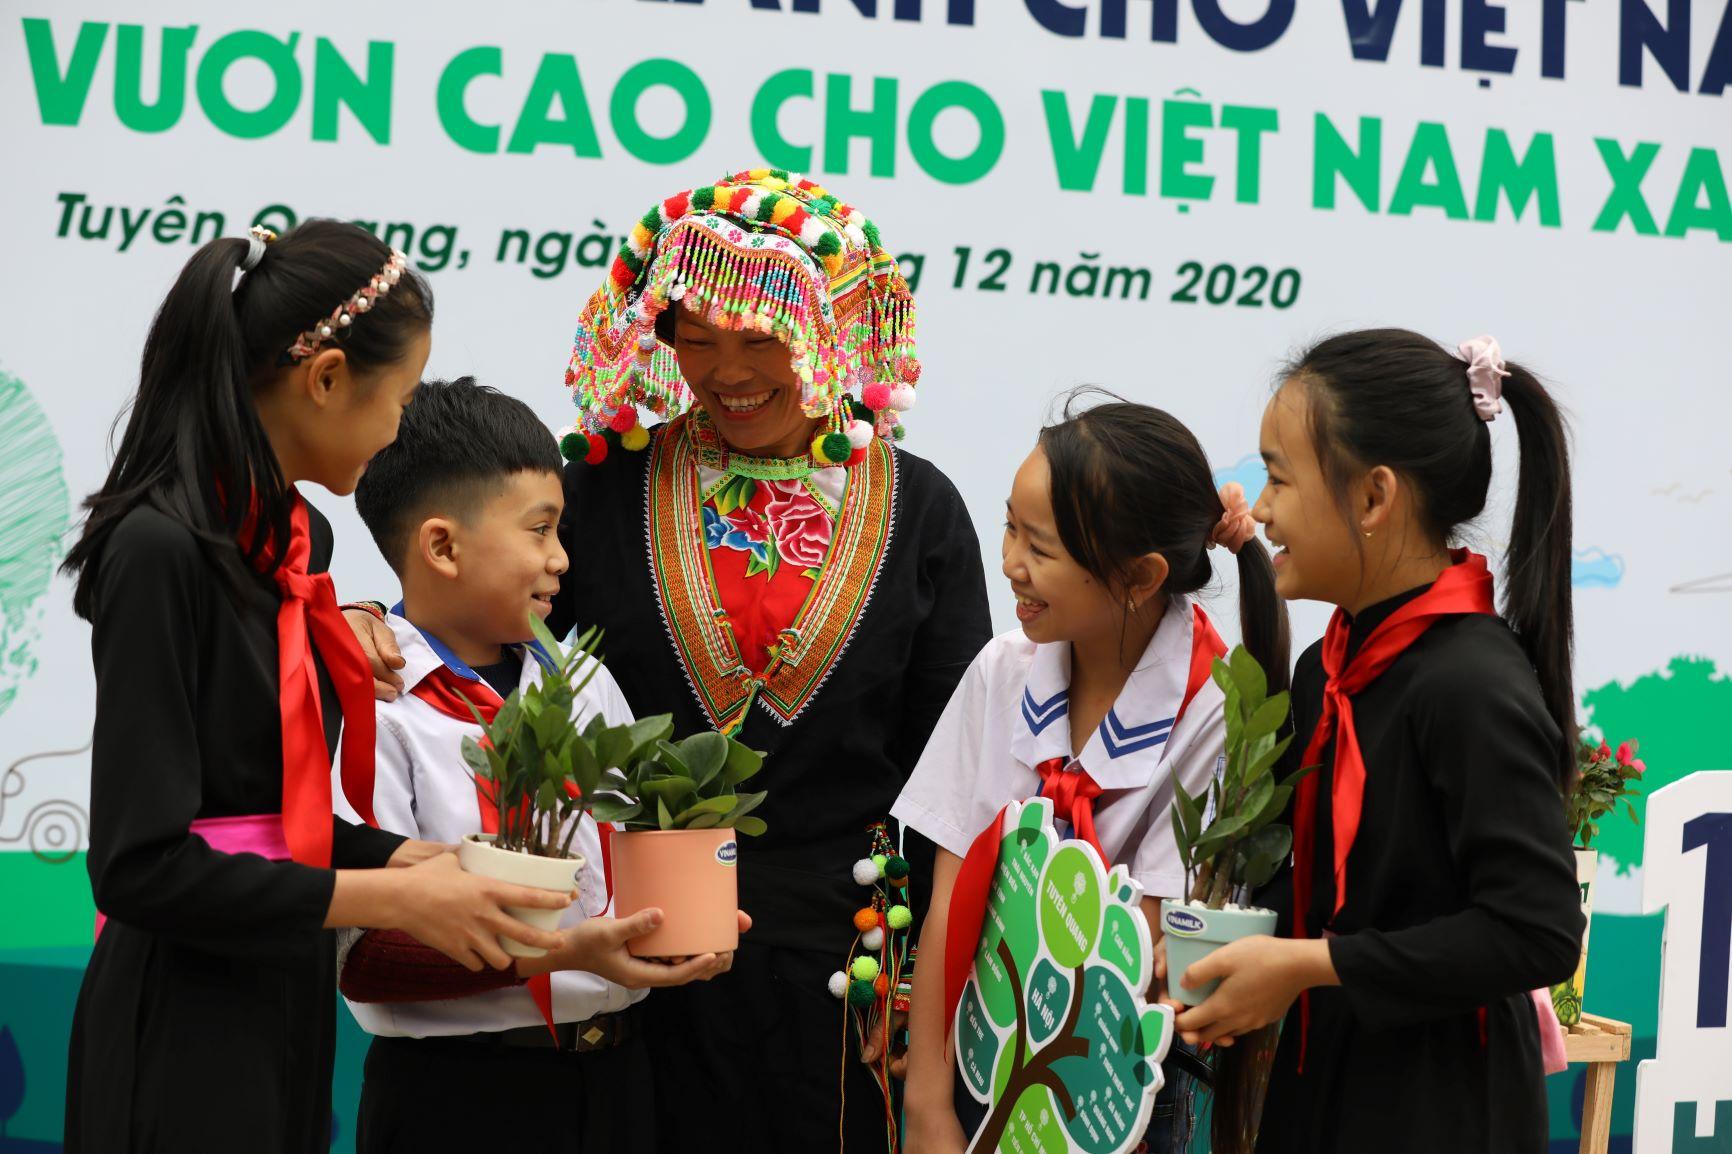 """Quỹ 1 triệu cây xanh cho Việt Nam của Vinamilk - Chương trình vì môi trường tạo được """"dấu ấn xanh"""" đặc biệt với cộng đồng 12"""